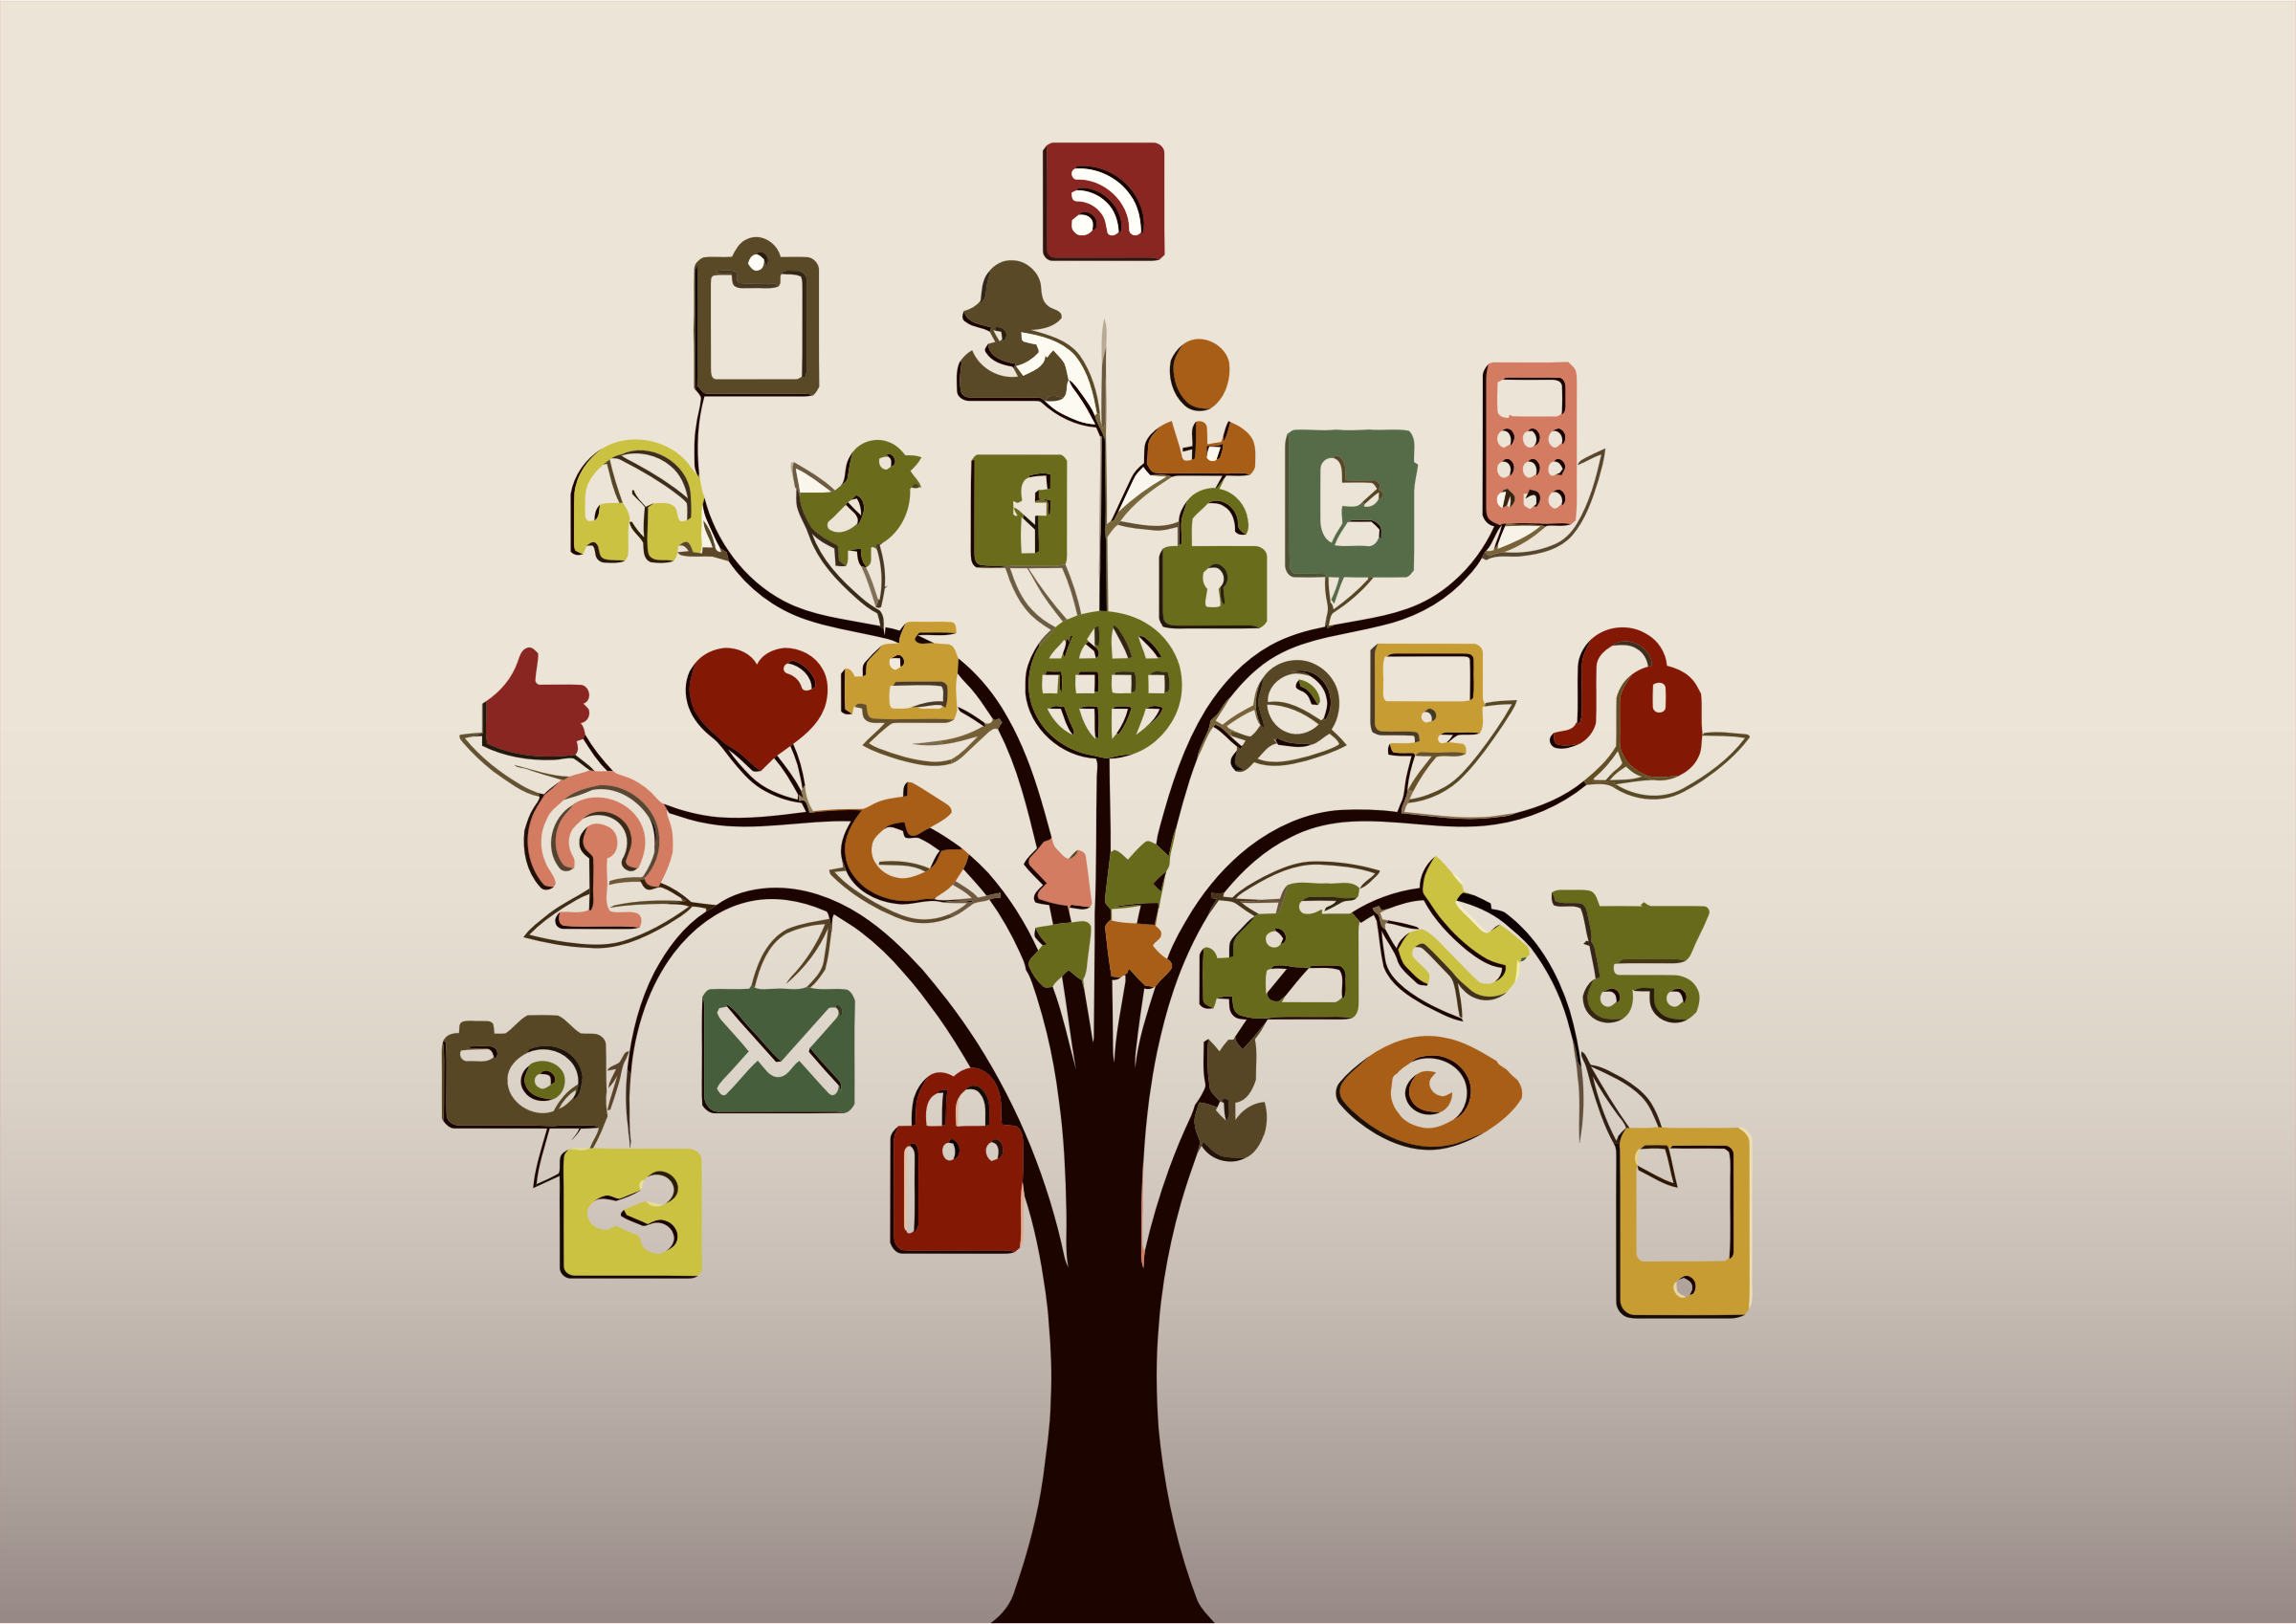 Clipart - Social Media Tree